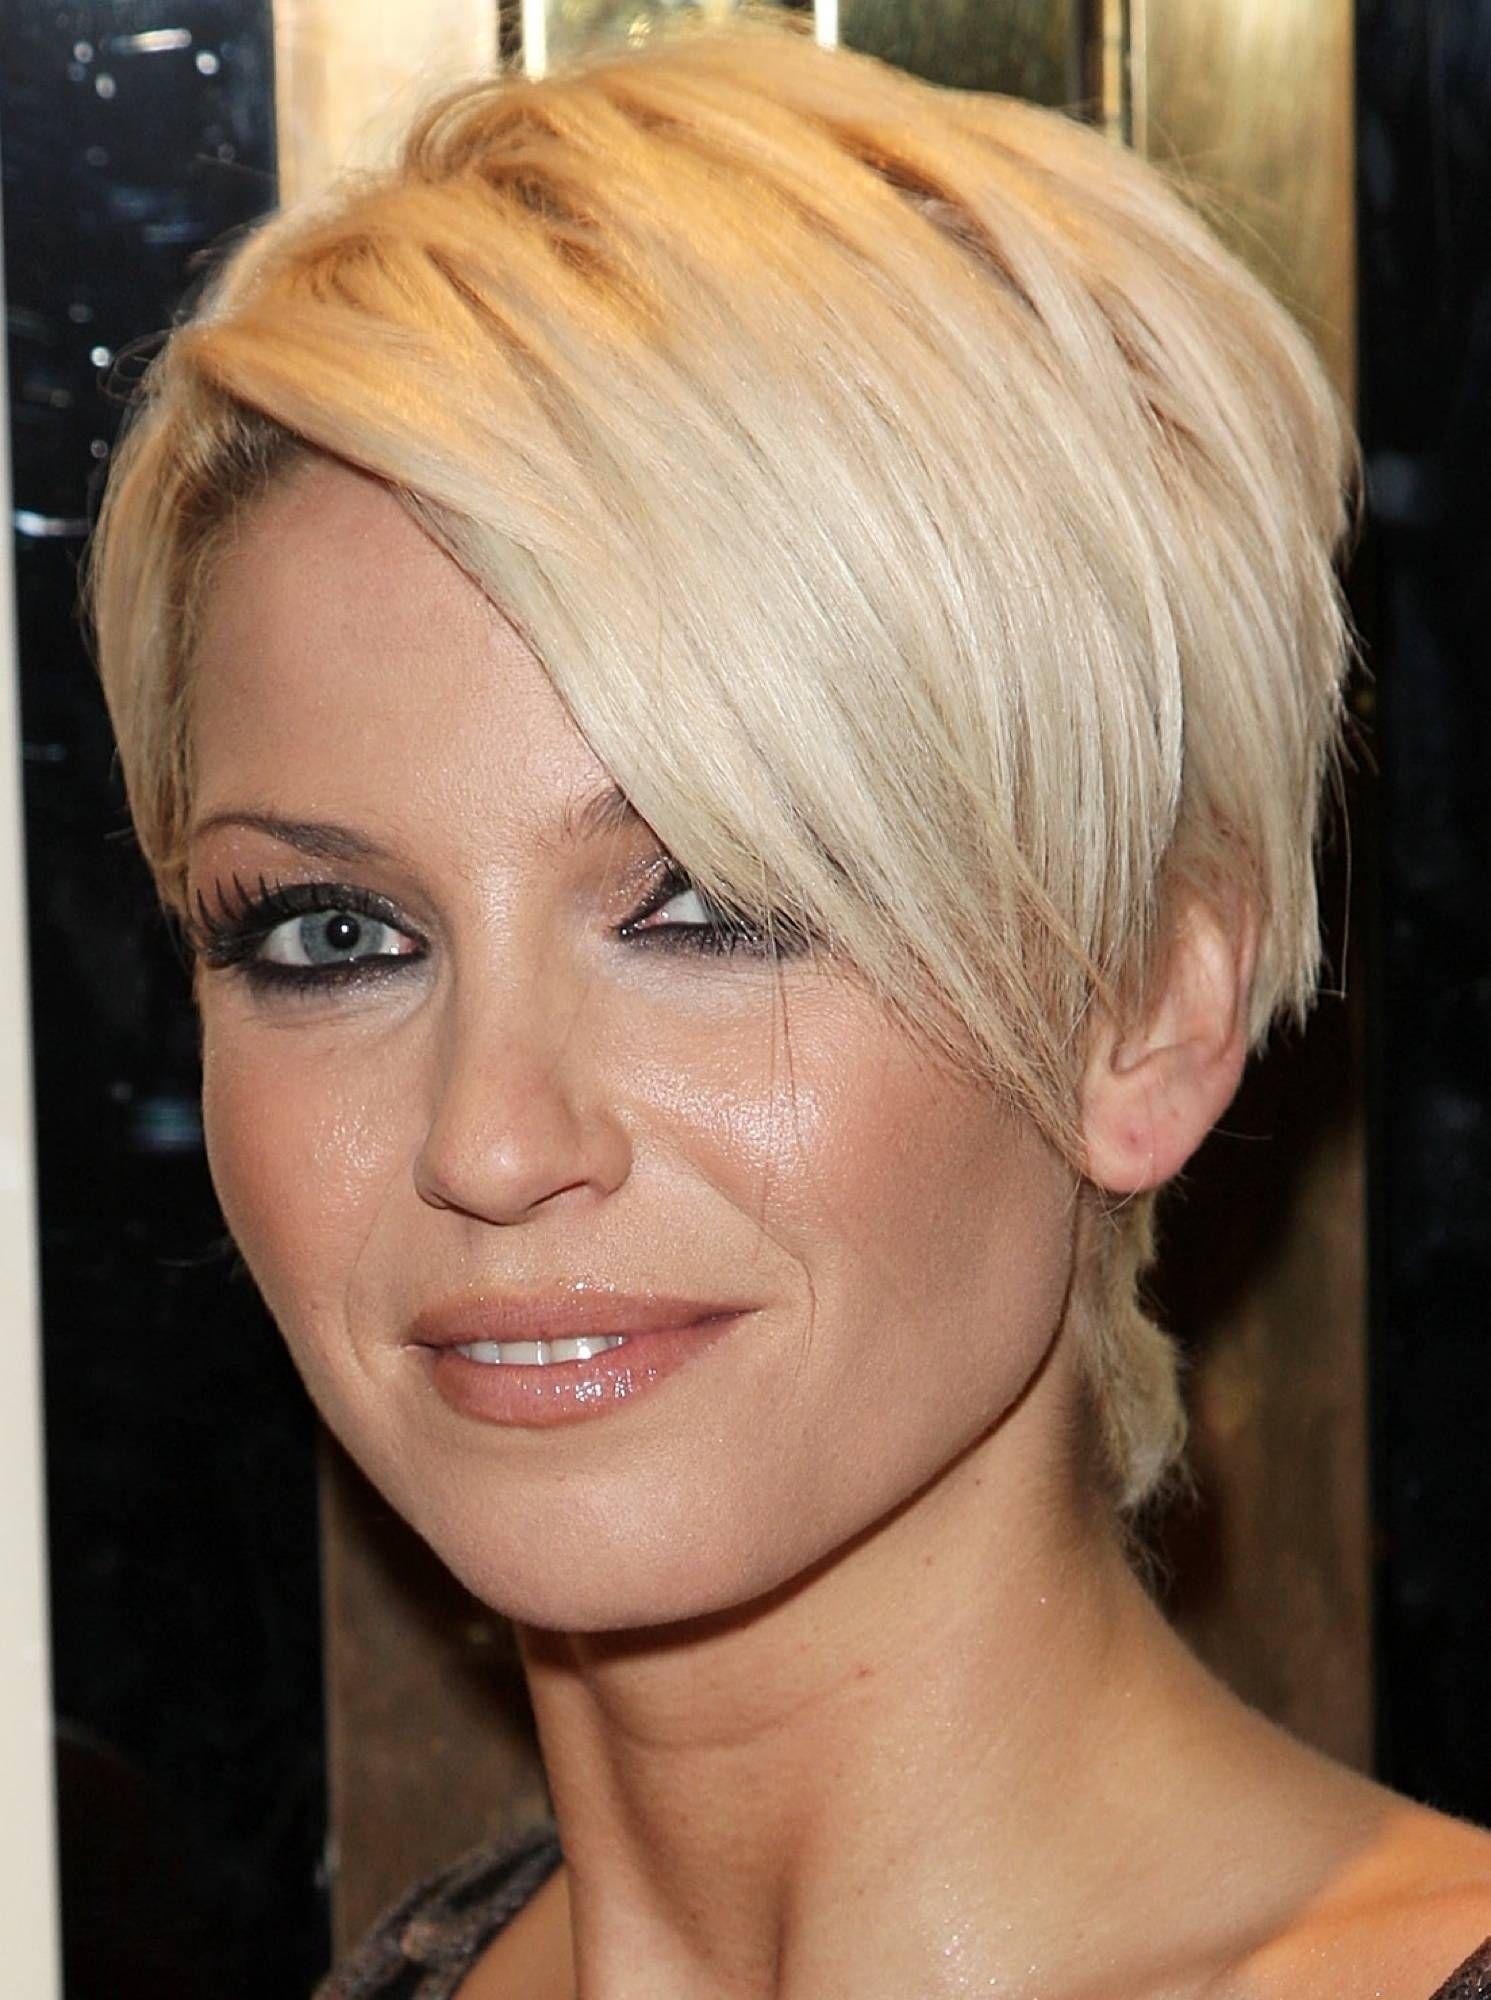 Terrific 1000 Images About Hair On Pinterest Short Red Hairstyles Short Short Hairstyles For Black Women Fulllsitofus